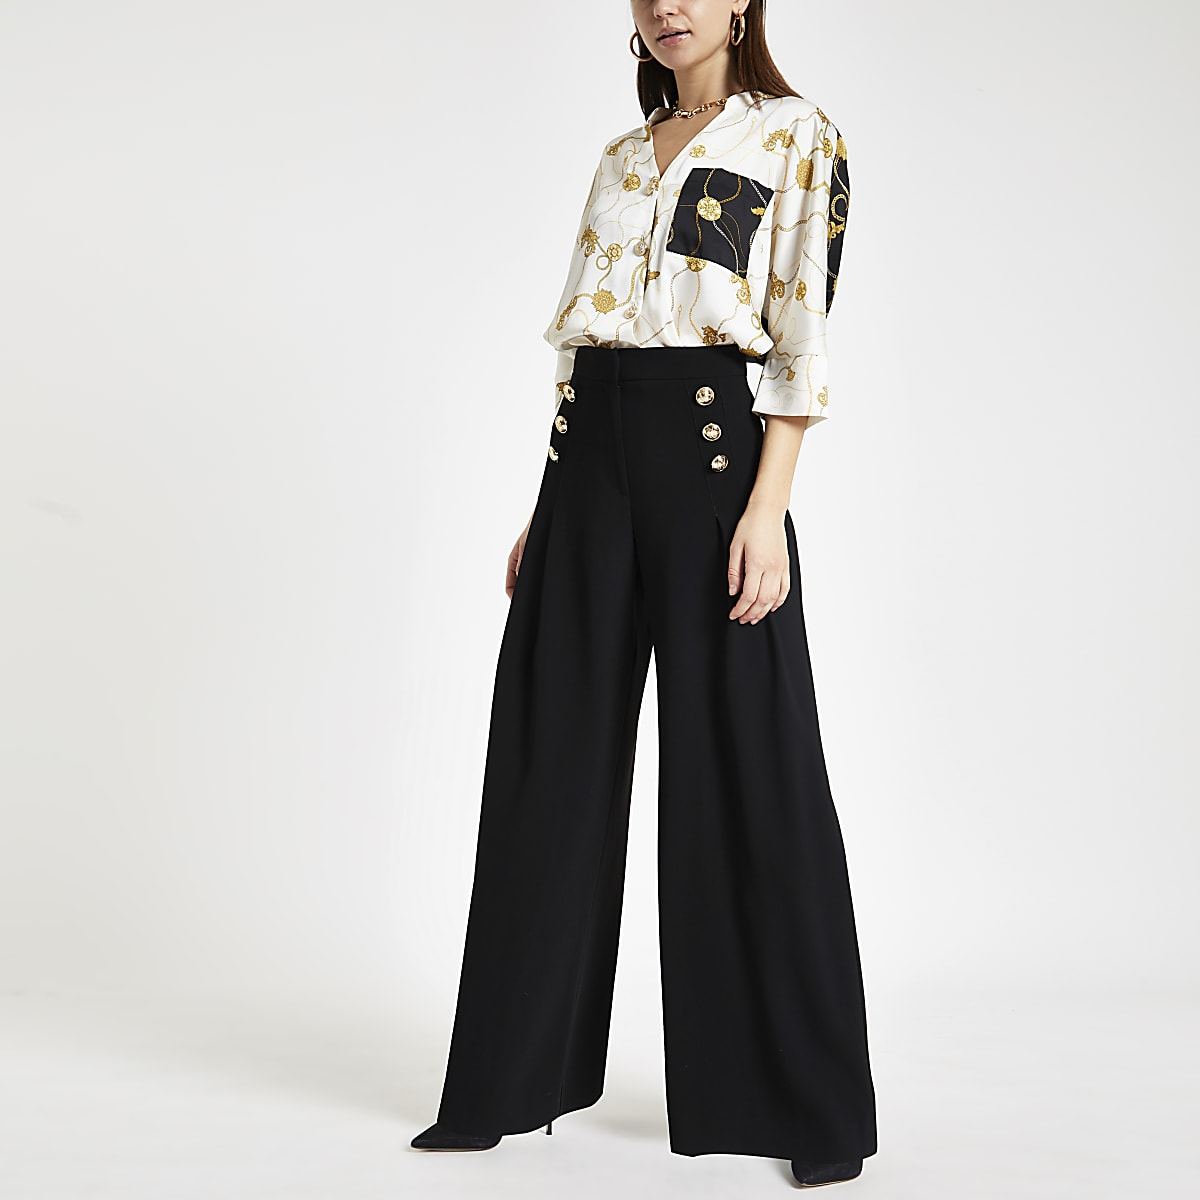 Black front pleat wide leg pants